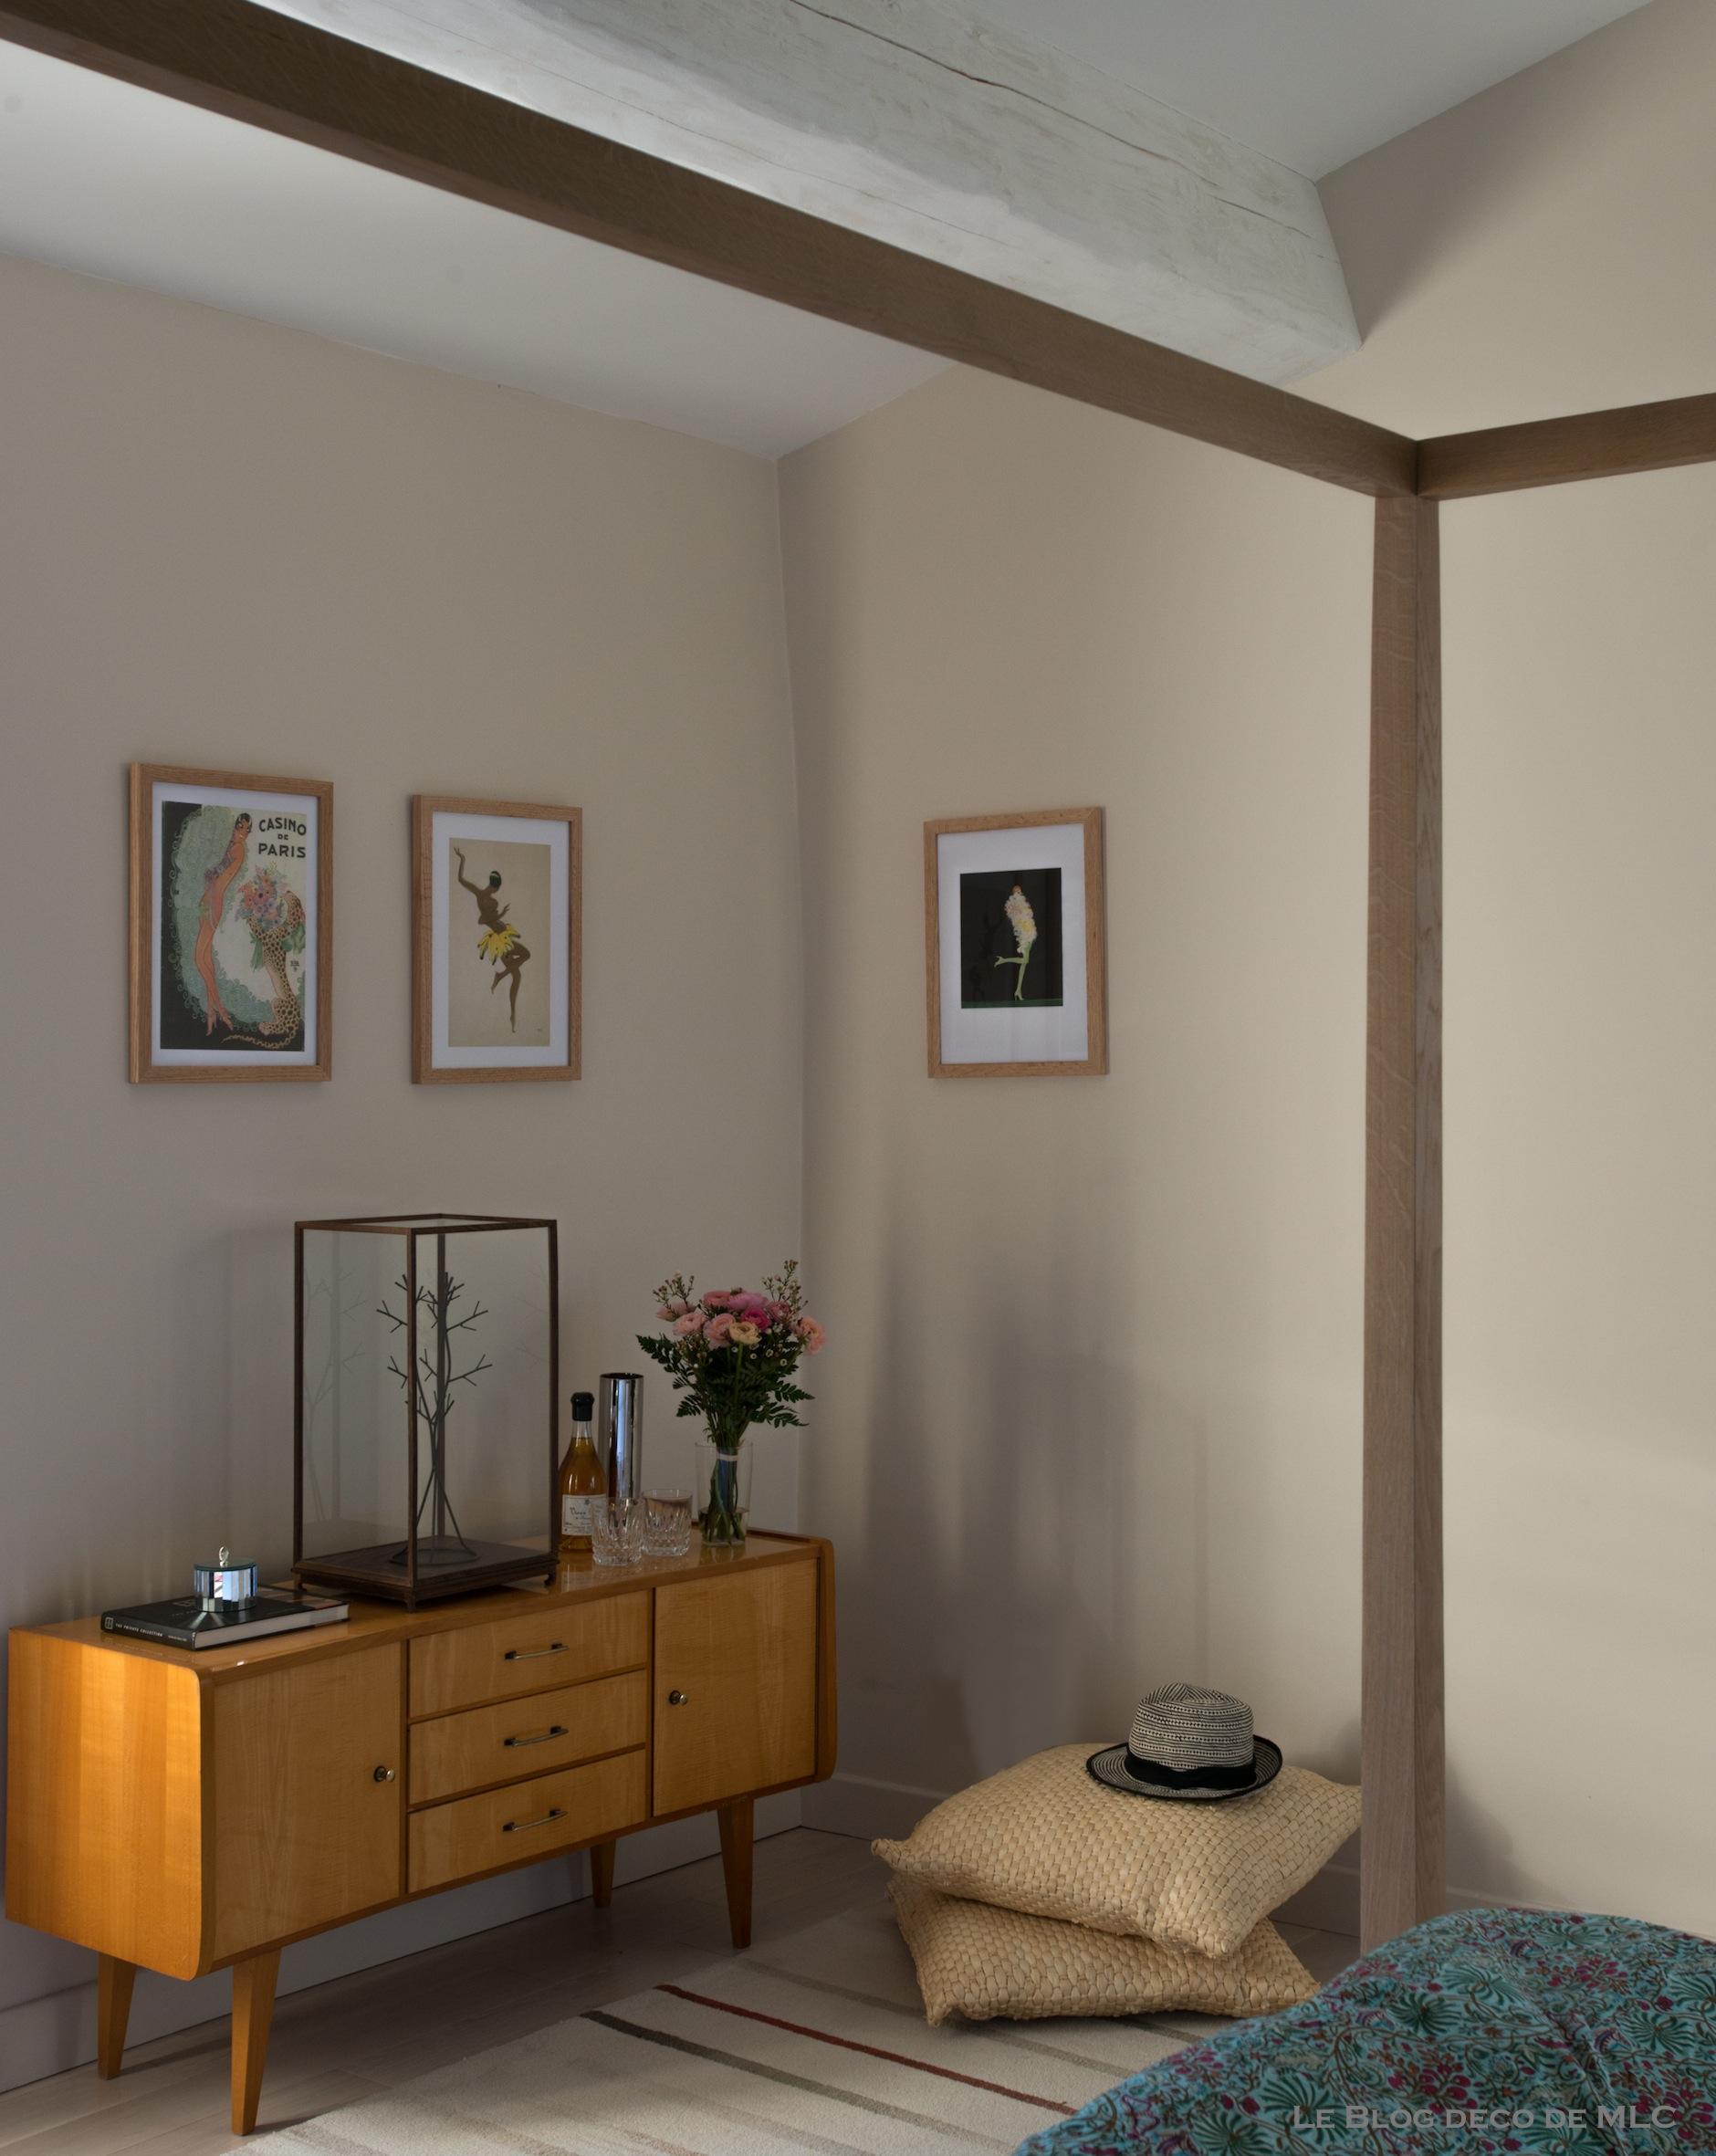 Mes petits posters vintage d coration la fran aise le blog d co de mlc - Decoration a la francaise ...